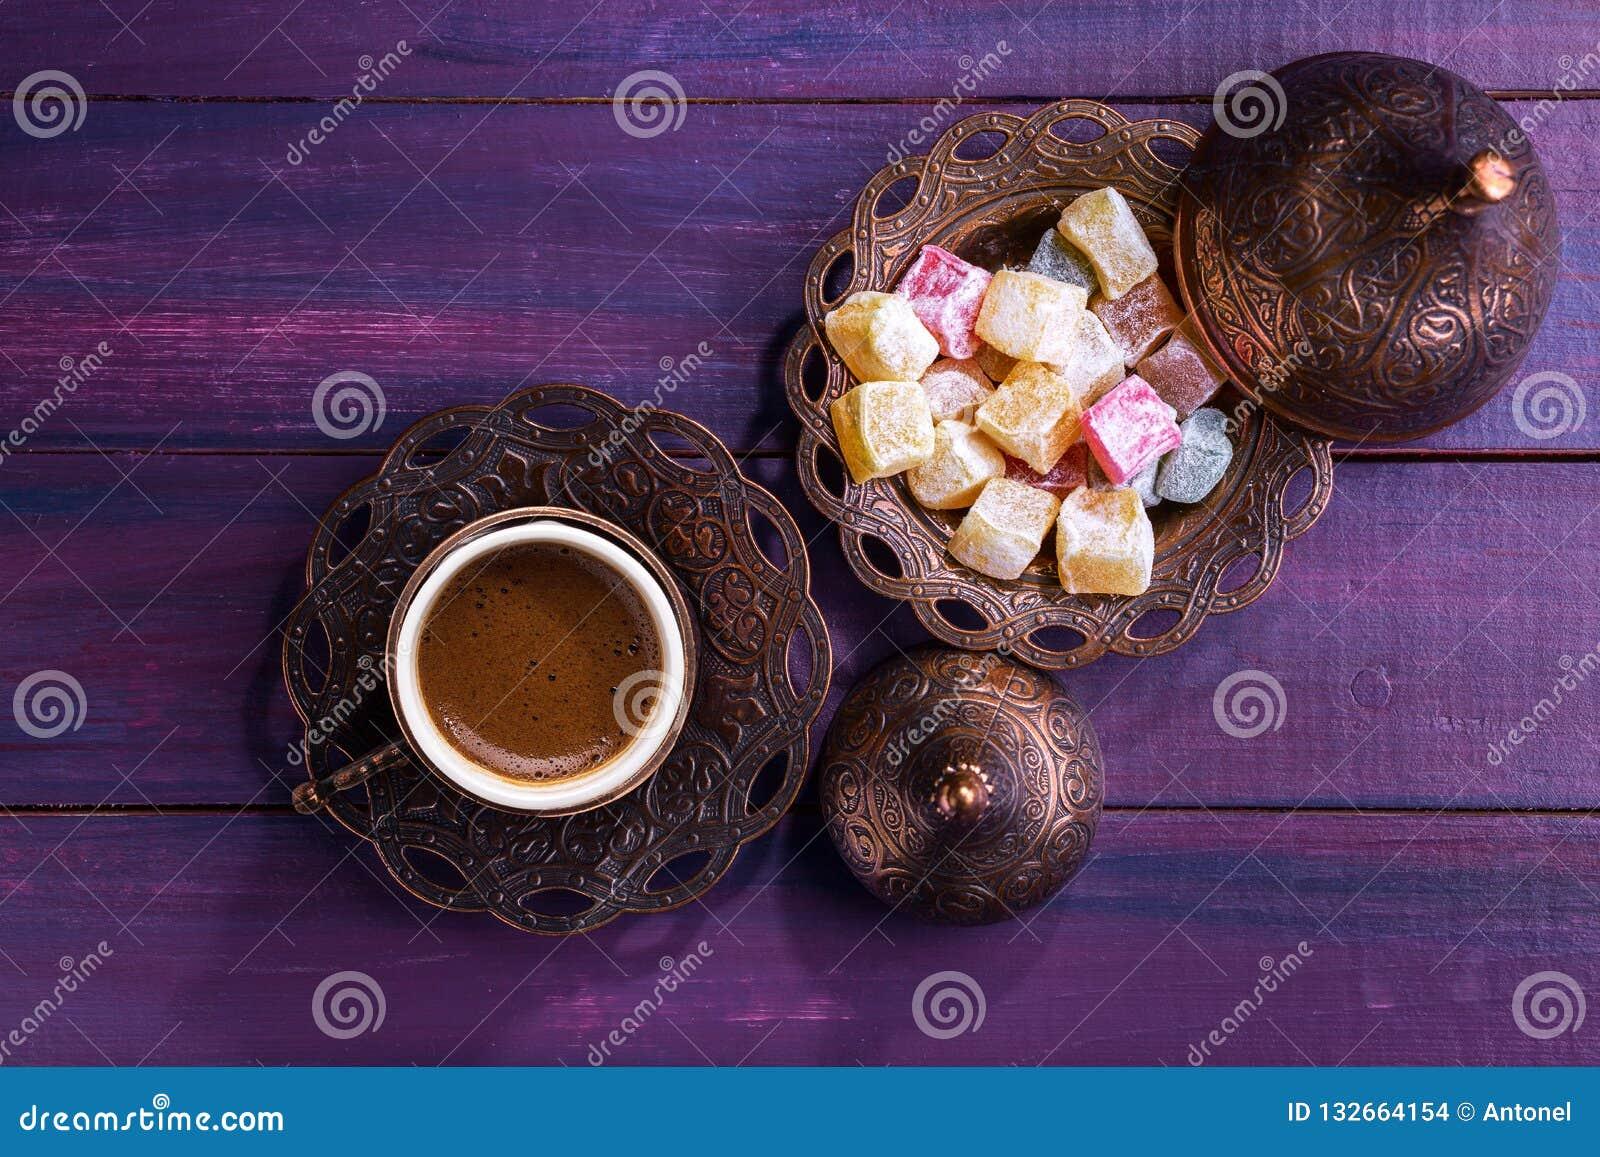 Caffè turco tradizionale e delizia turca su fondo di legno viola scuro Disposizione piana